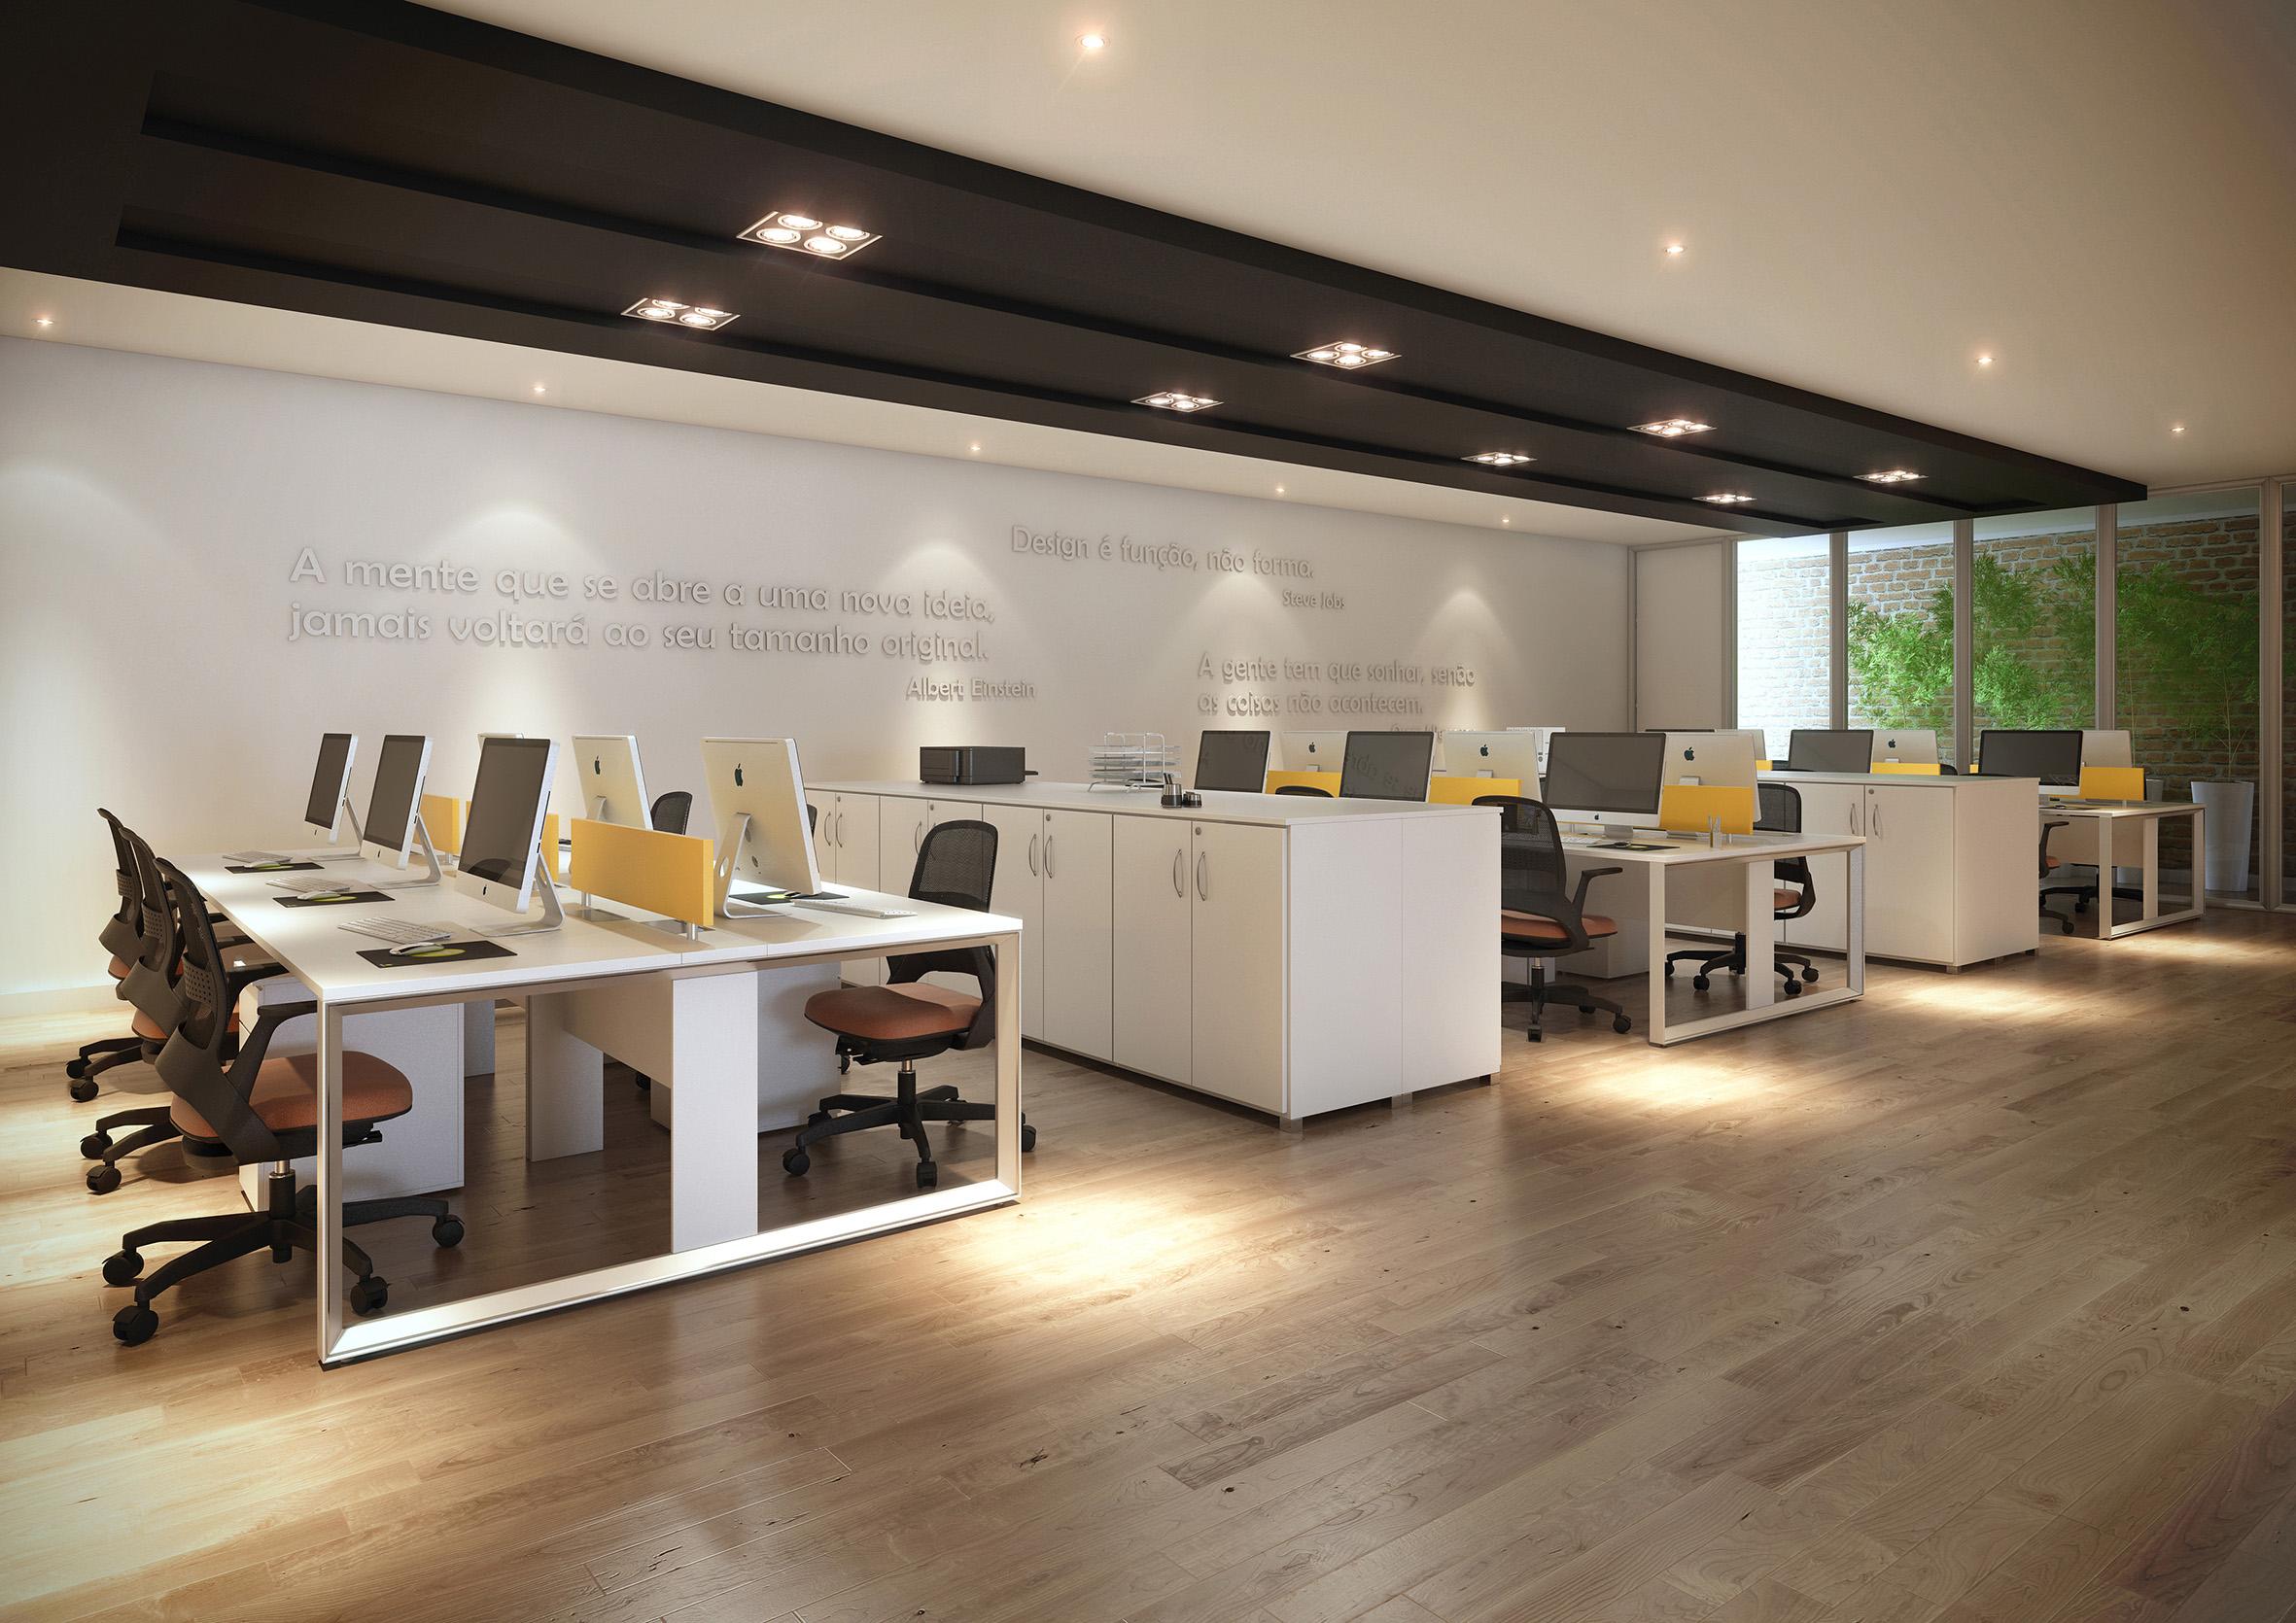 Estações de Trabalho Aluminium da RS Design. Leveza e resistência para espaços corporativos.